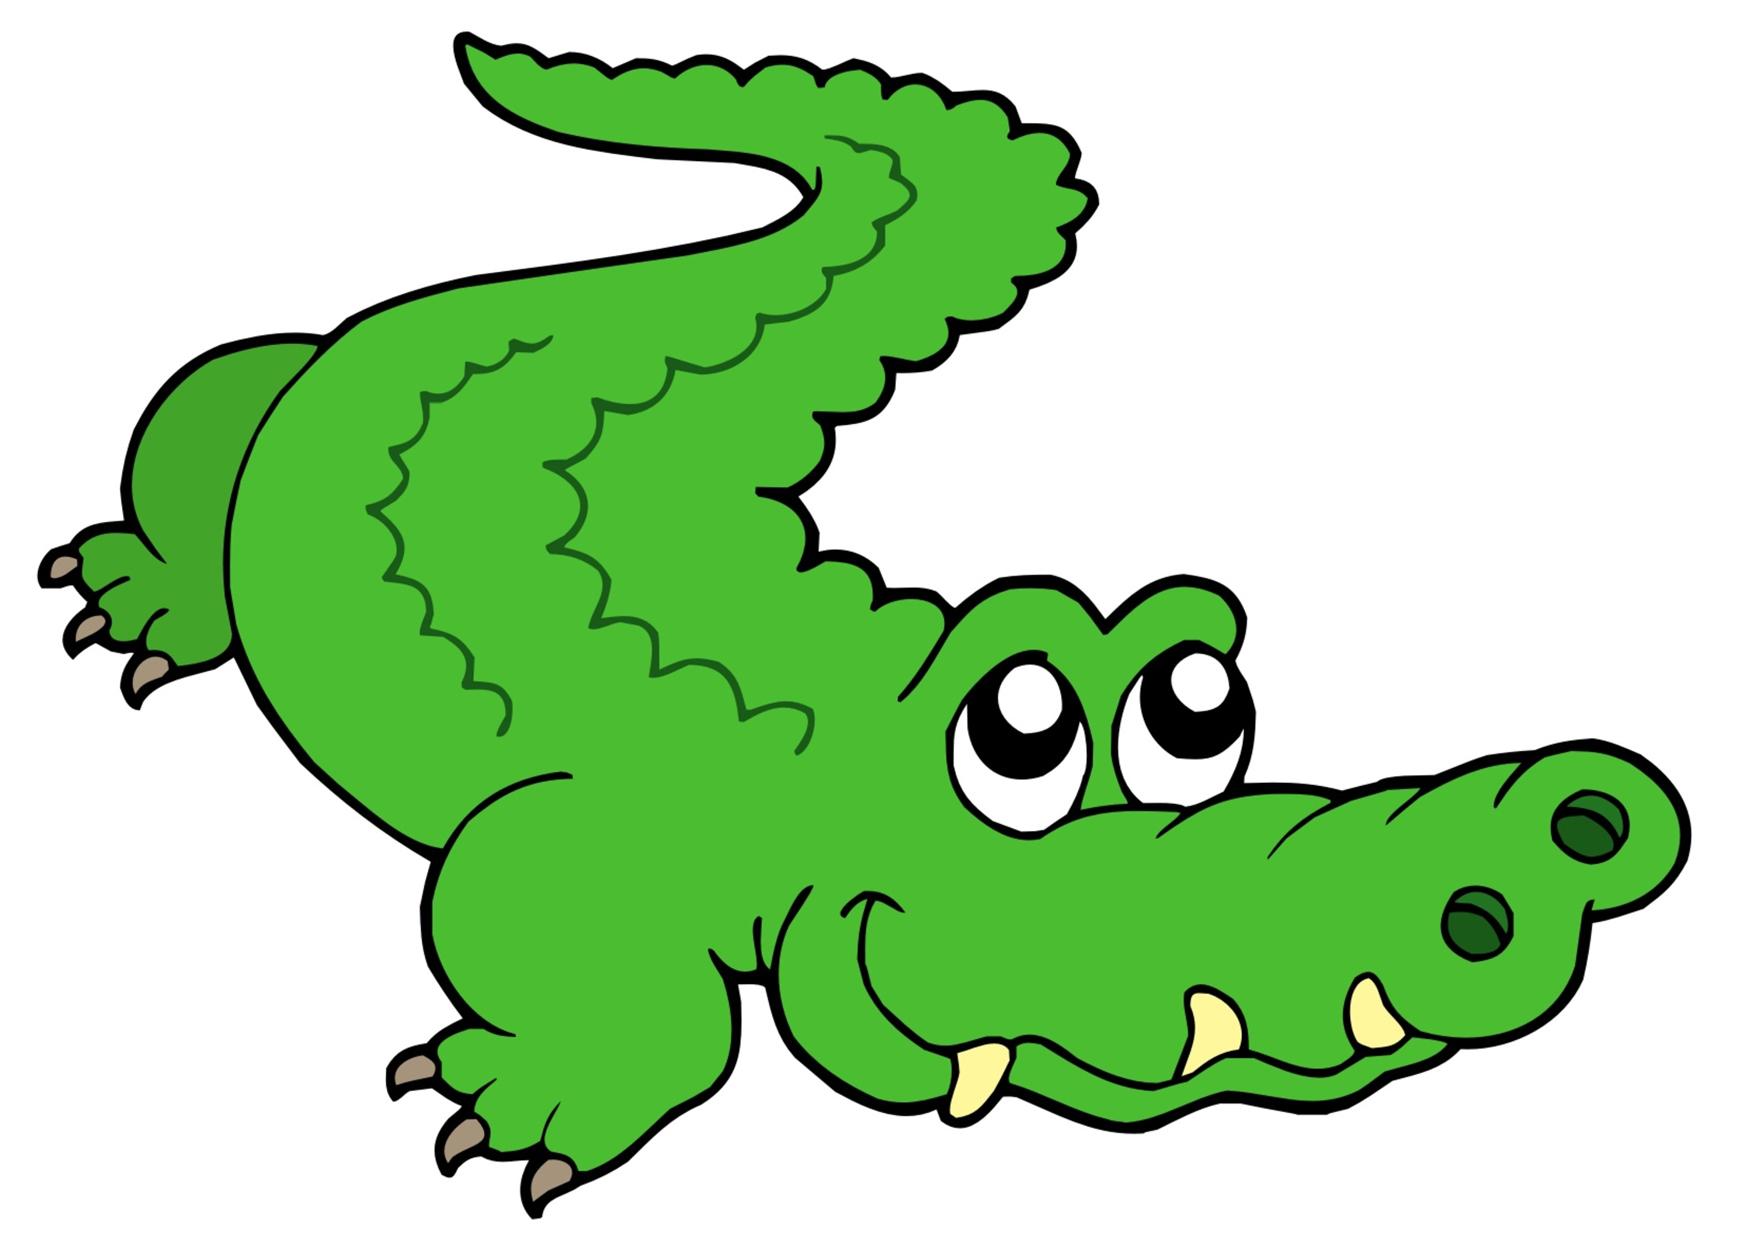 Рисованные картинки крокодила для детей